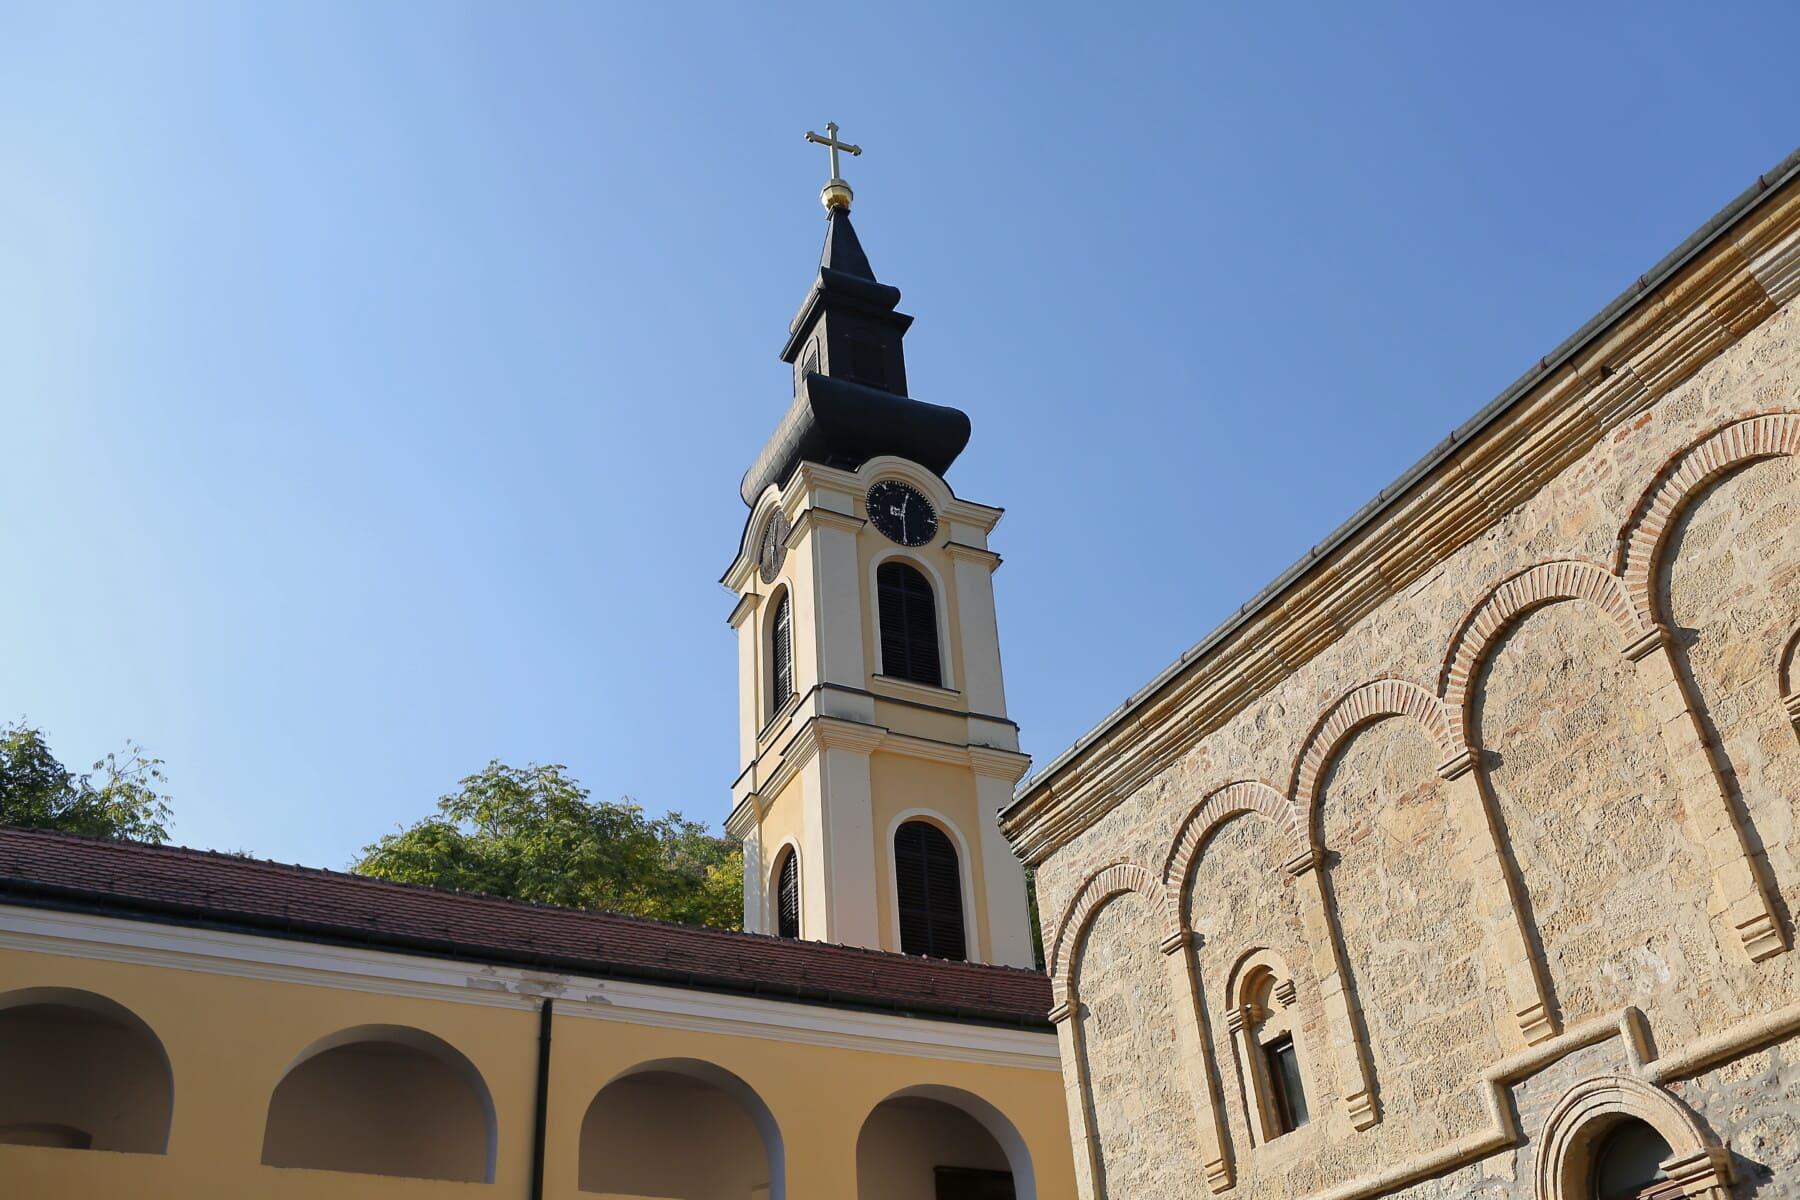 steeple, monastère, mur de Pierre, mur, arrière-cour, orthodoxe, style architectural, résidence, bâtiment, religion